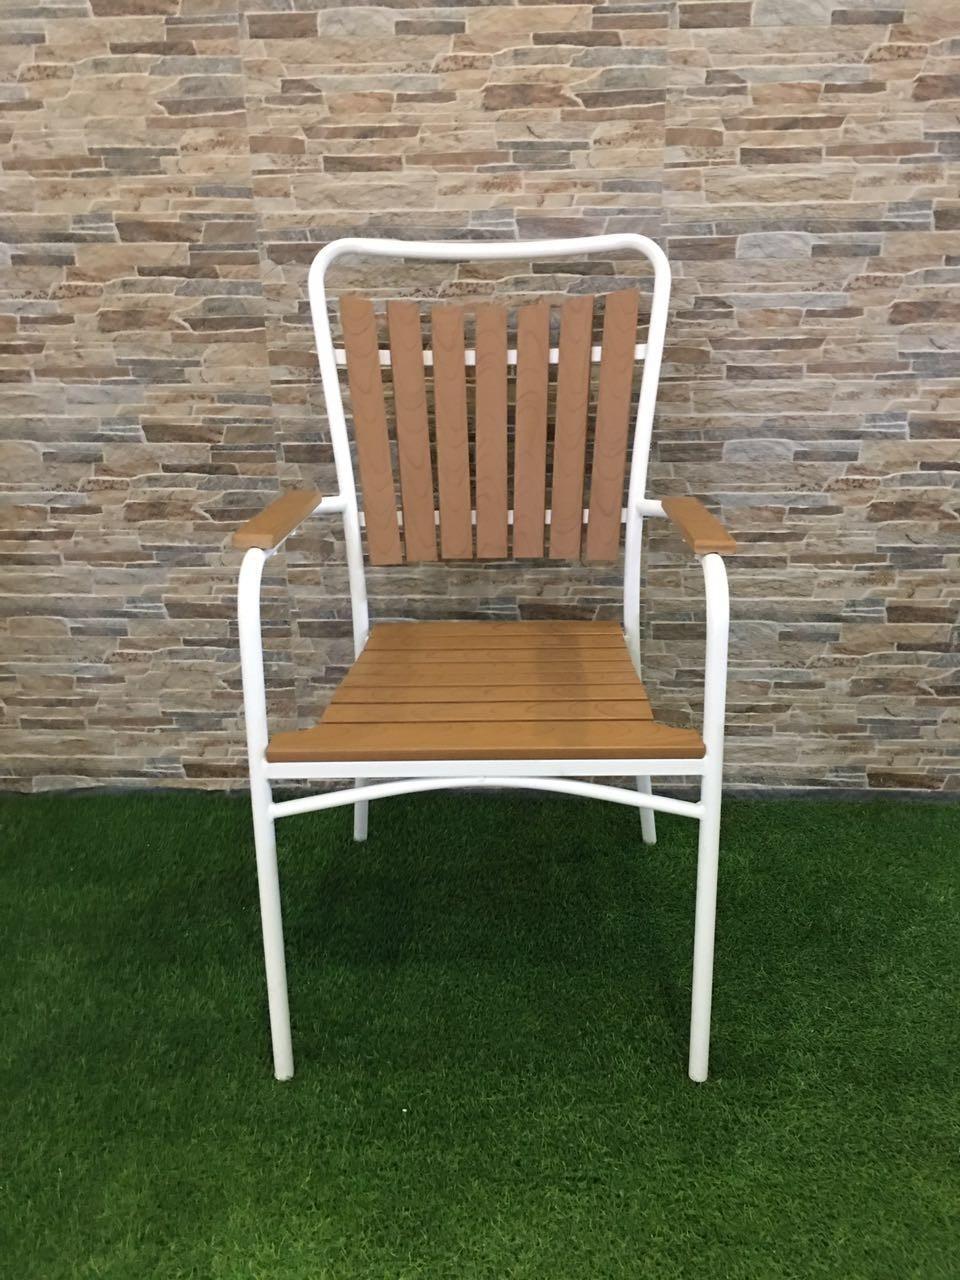 moderne billig outdoor kunststoff holz stapeln gartenstuhl plastikst hle produkt id 60494405636. Black Bedroom Furniture Sets. Home Design Ideas